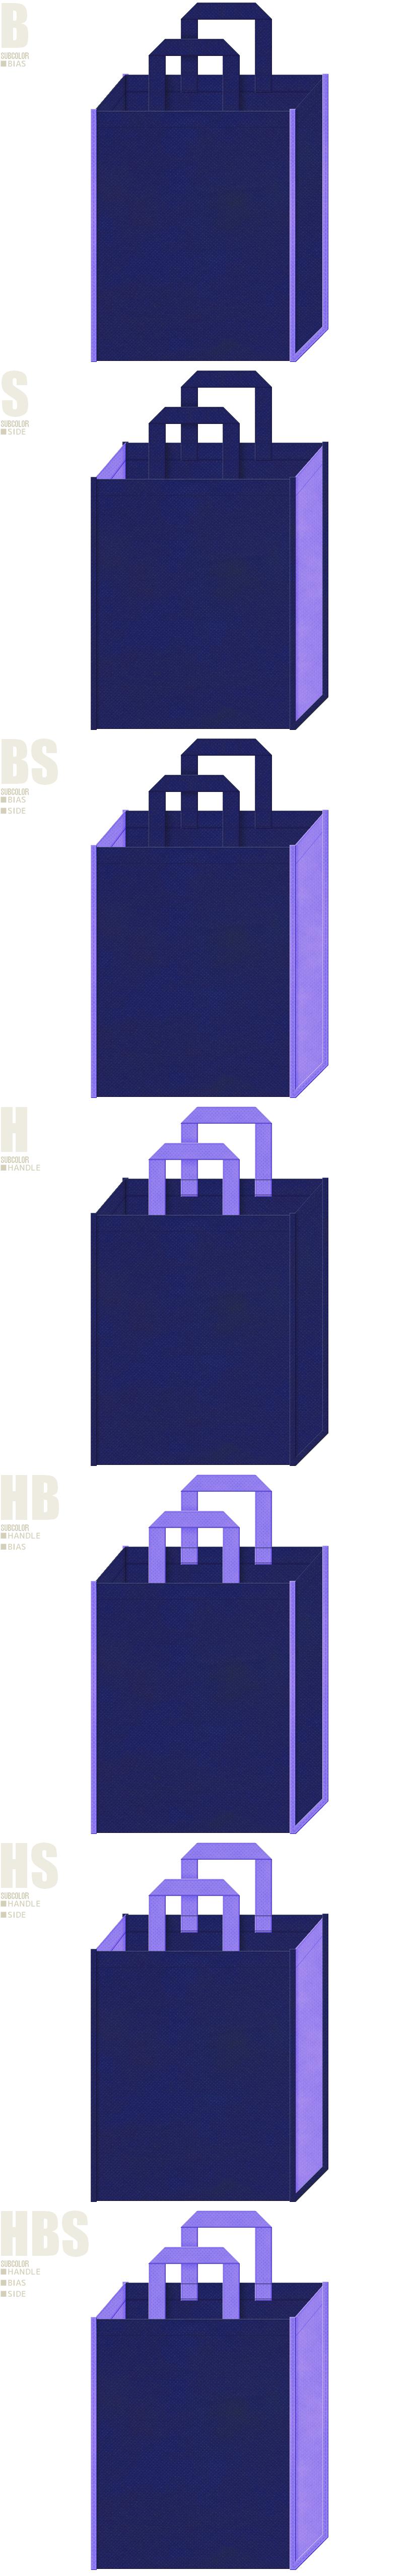 紺紫色と薄紫色-7パターンの不織布トートバッグ配色デザイン例-浴衣風の不織布バッグにお奨めです。